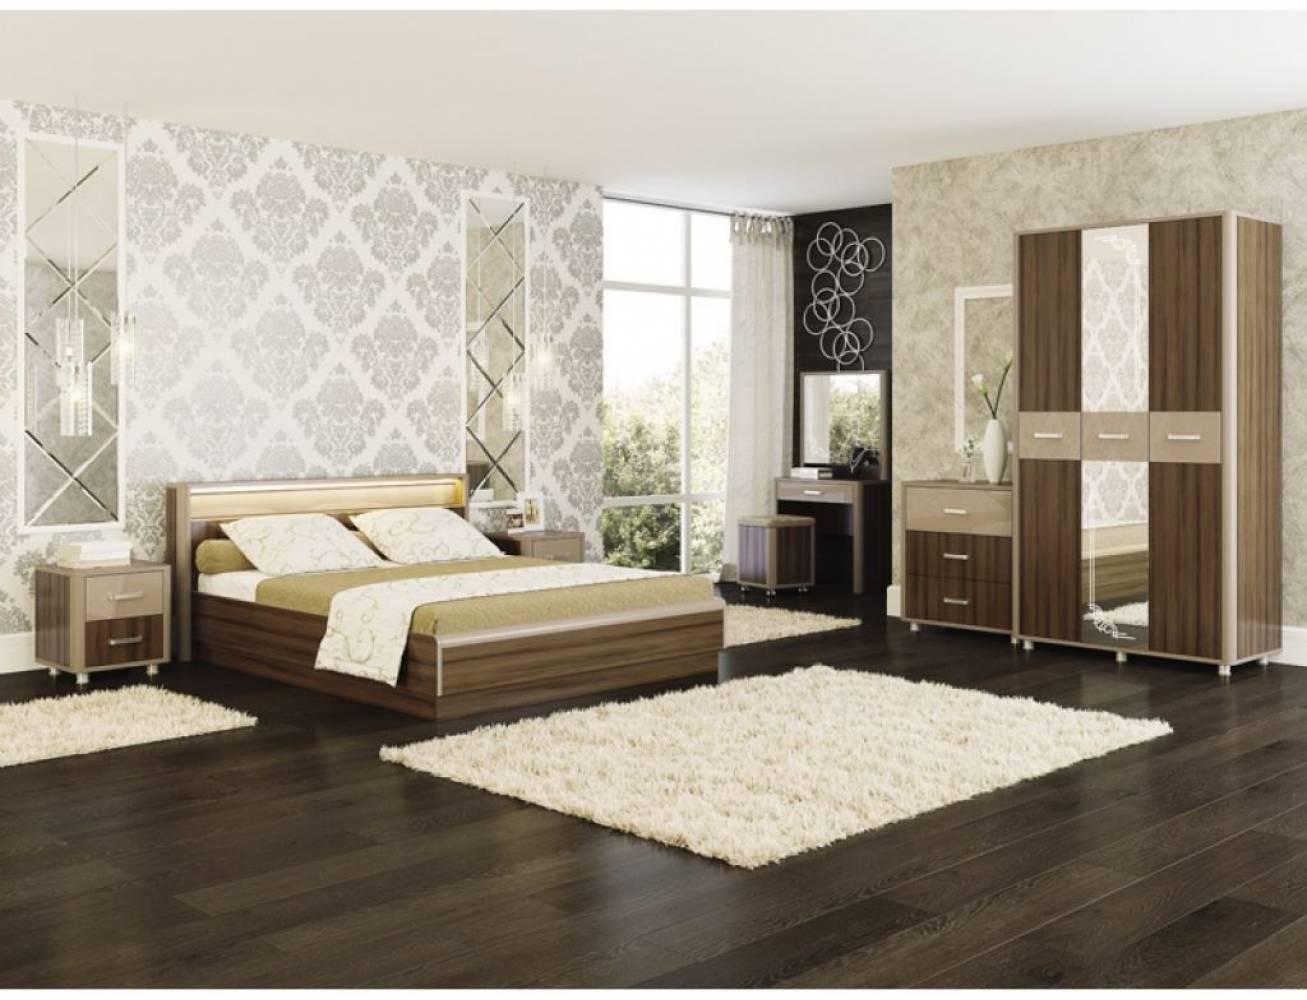 Спальня Оливия. Комплект 4